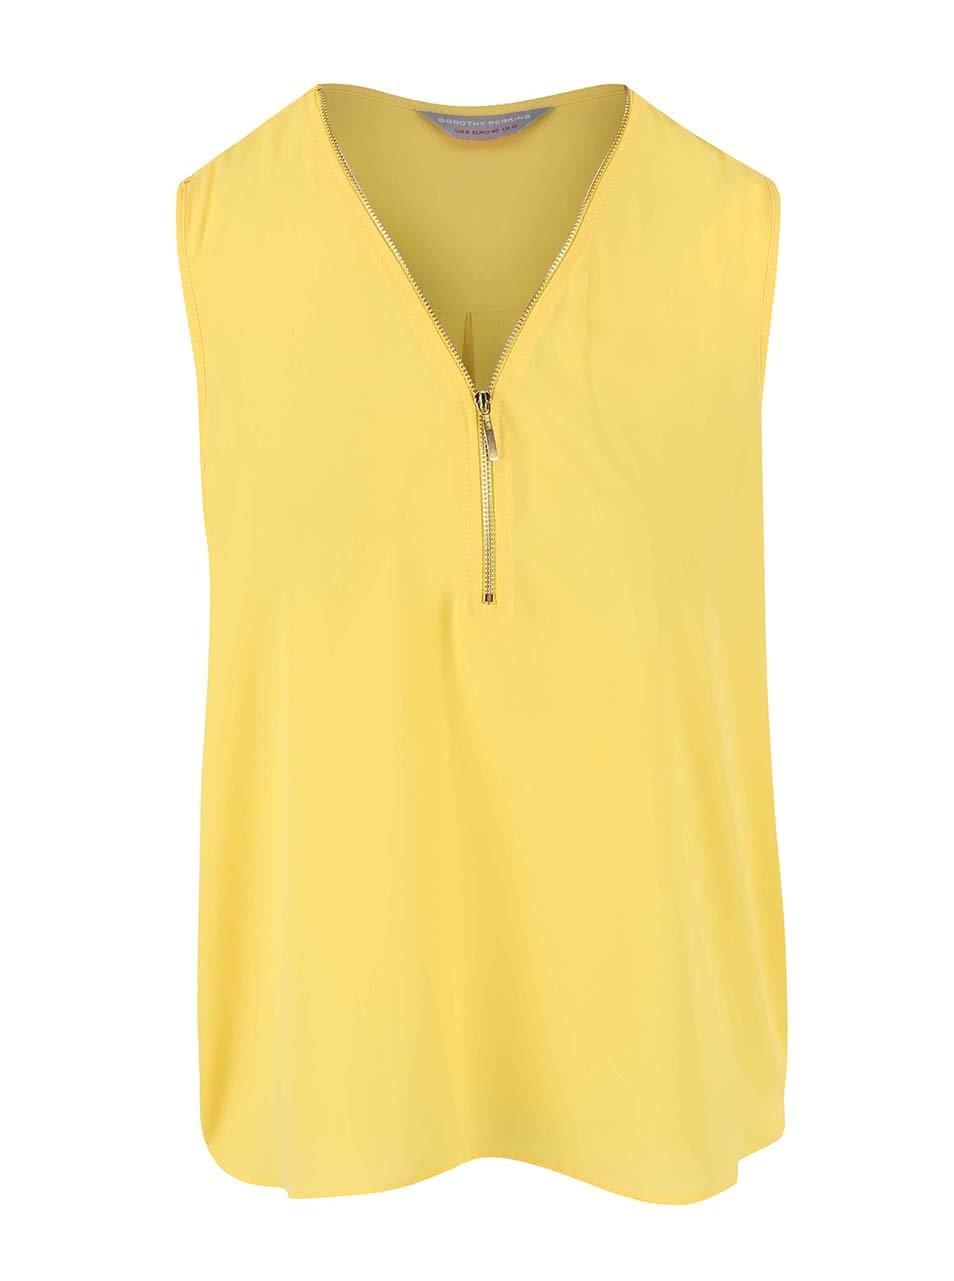 6d91f890a8b Žlutá halenka se zipem ve výstřihu ve zlaté barvě Dorothy Perkins Petite ...